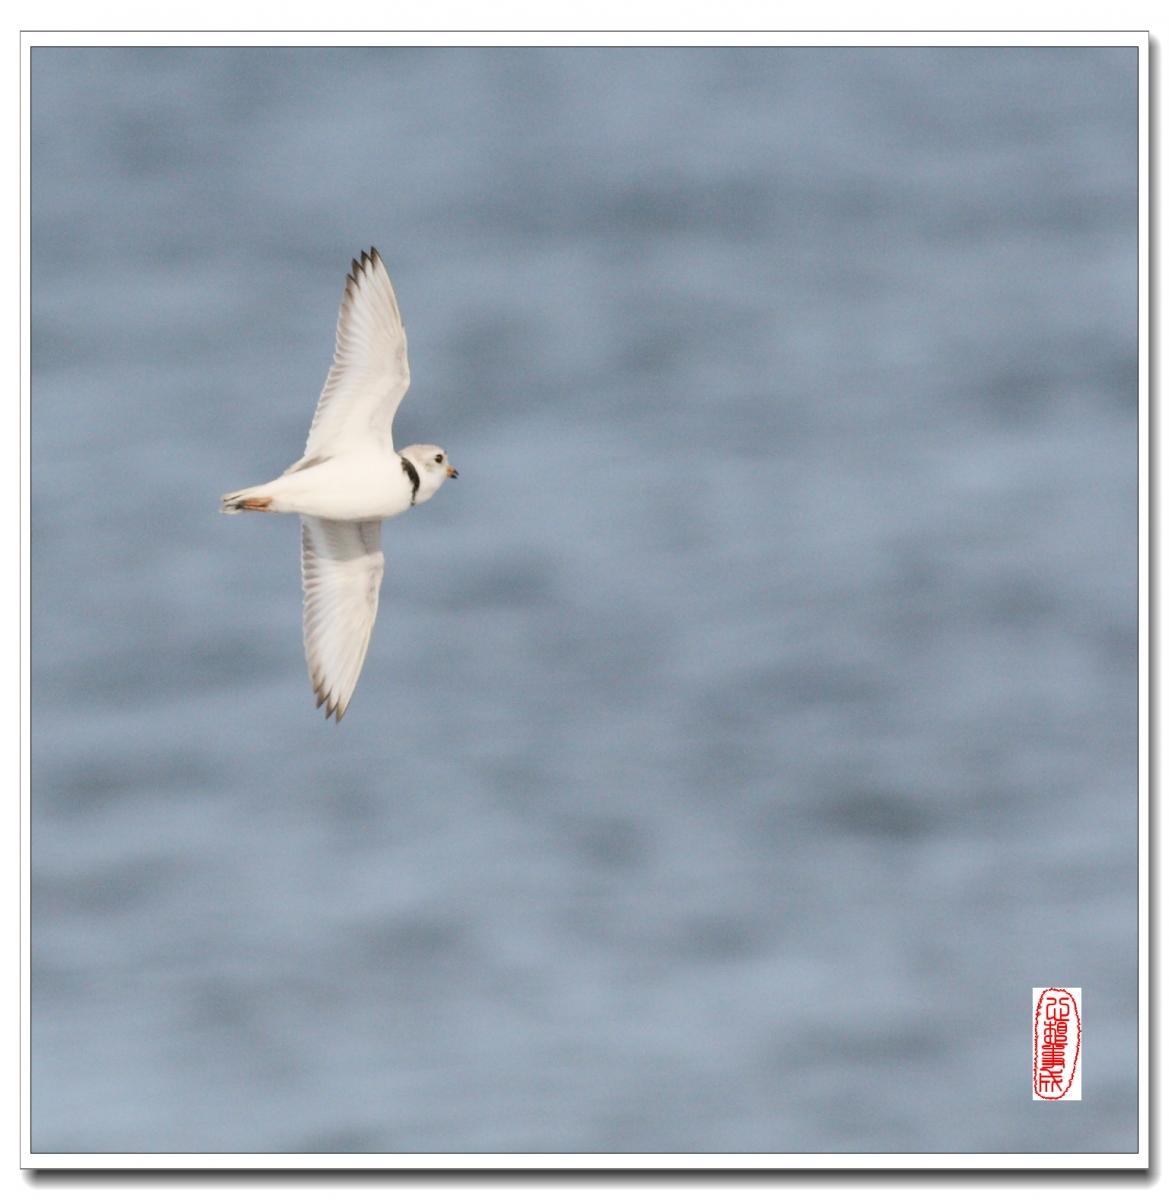 【心想事成】 飞鸟随拍图之二_图1-9